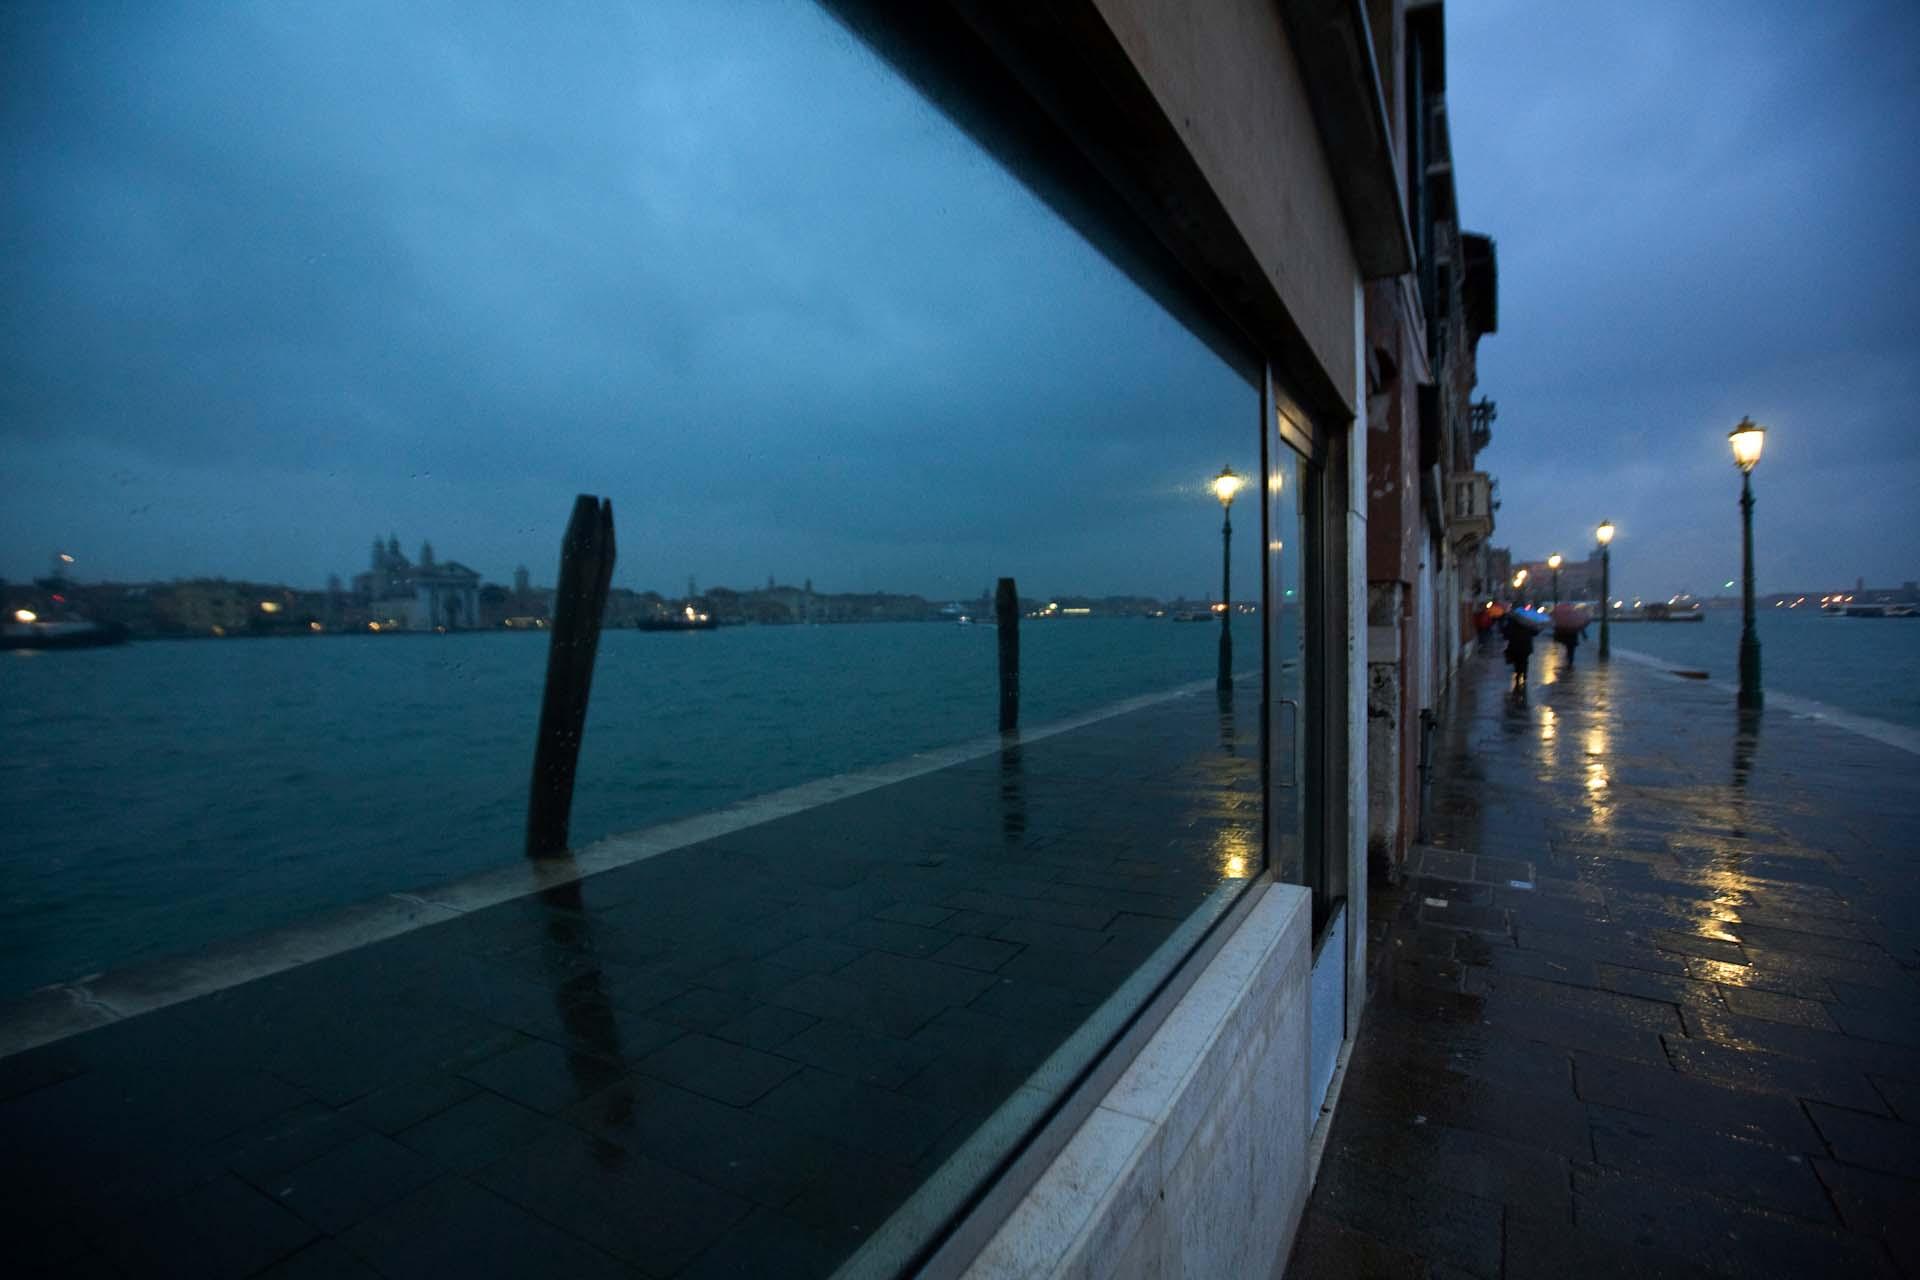 ITA, Italy, Venezia, 2011-11-07, Venezia © Stefan Pangritz